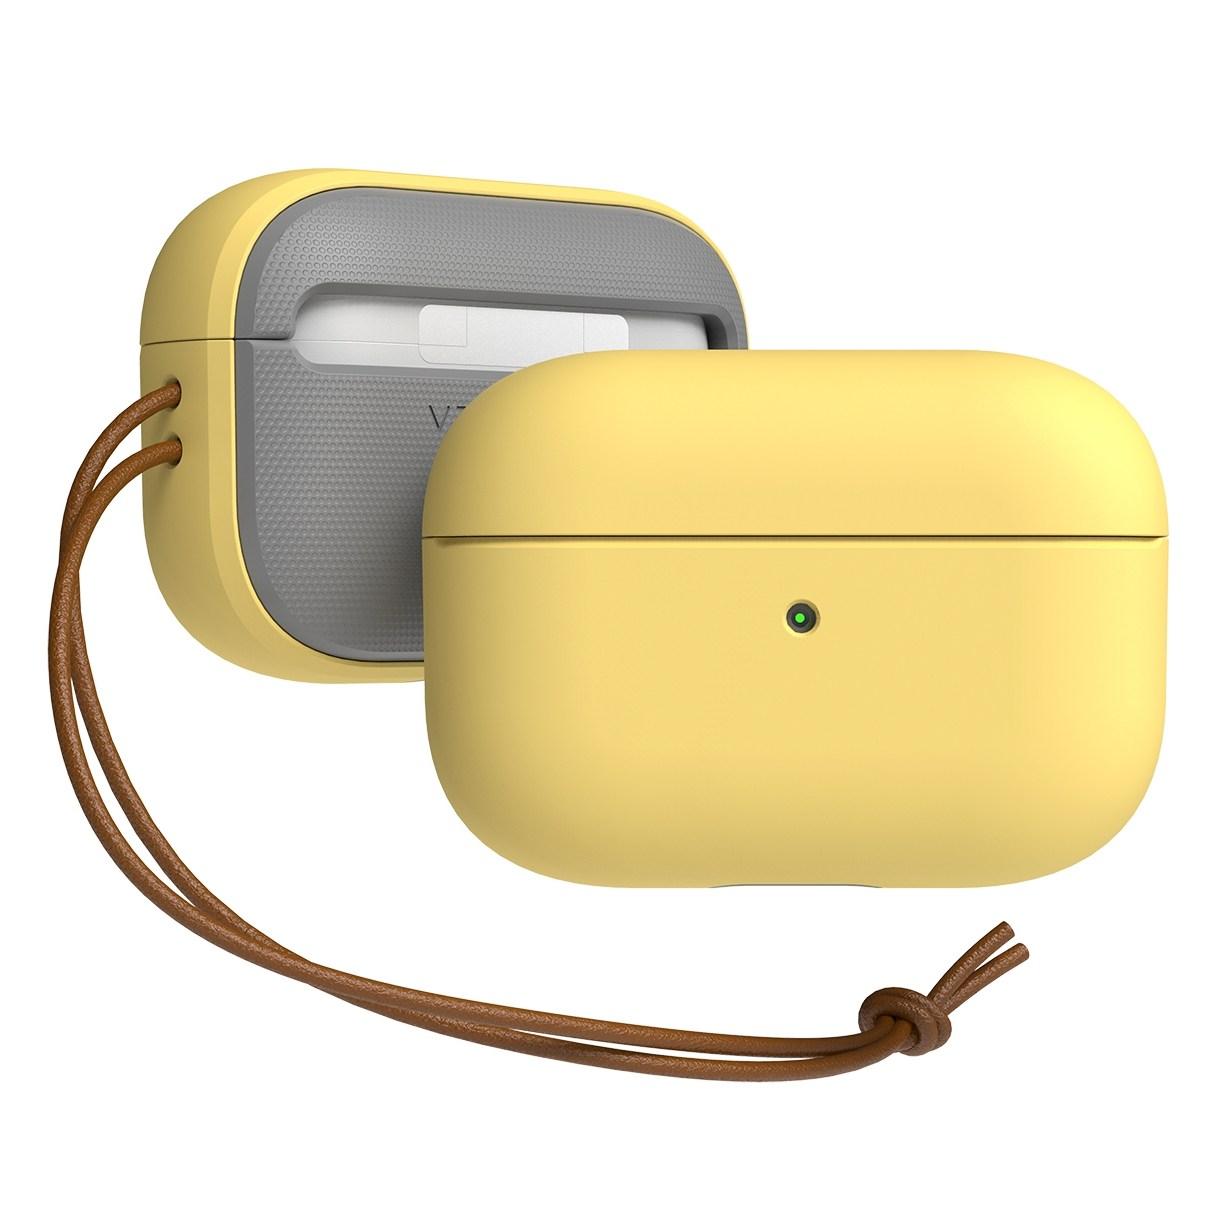 베루스 에어팟 프로 모던 이어폰 케이스, 레모네이드, 단일상품